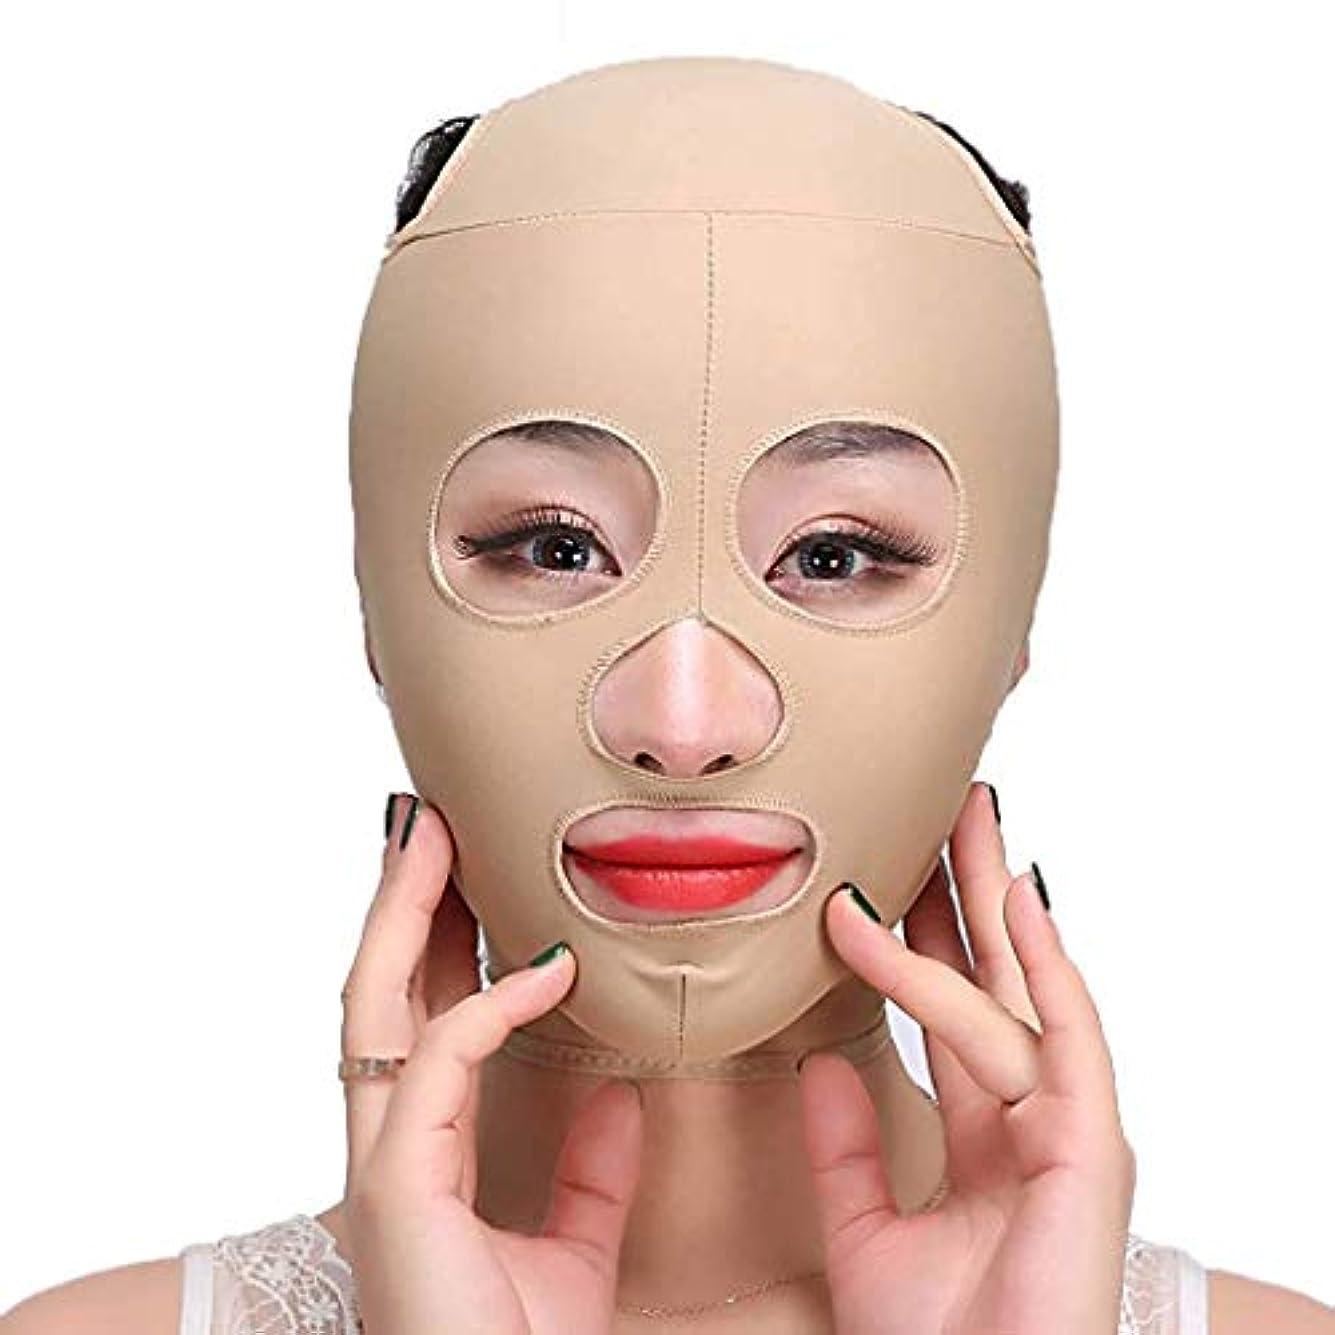 抽象同化する転用痩身ベルト、フェイスマスクシンフェイス機器リフティング引き締めVフェイス男性と女性フェイスリフティングステッカーダブルチンフェイスリフティングフェイスマスク包帯フェイシャルマッサージ(サイズ:M)